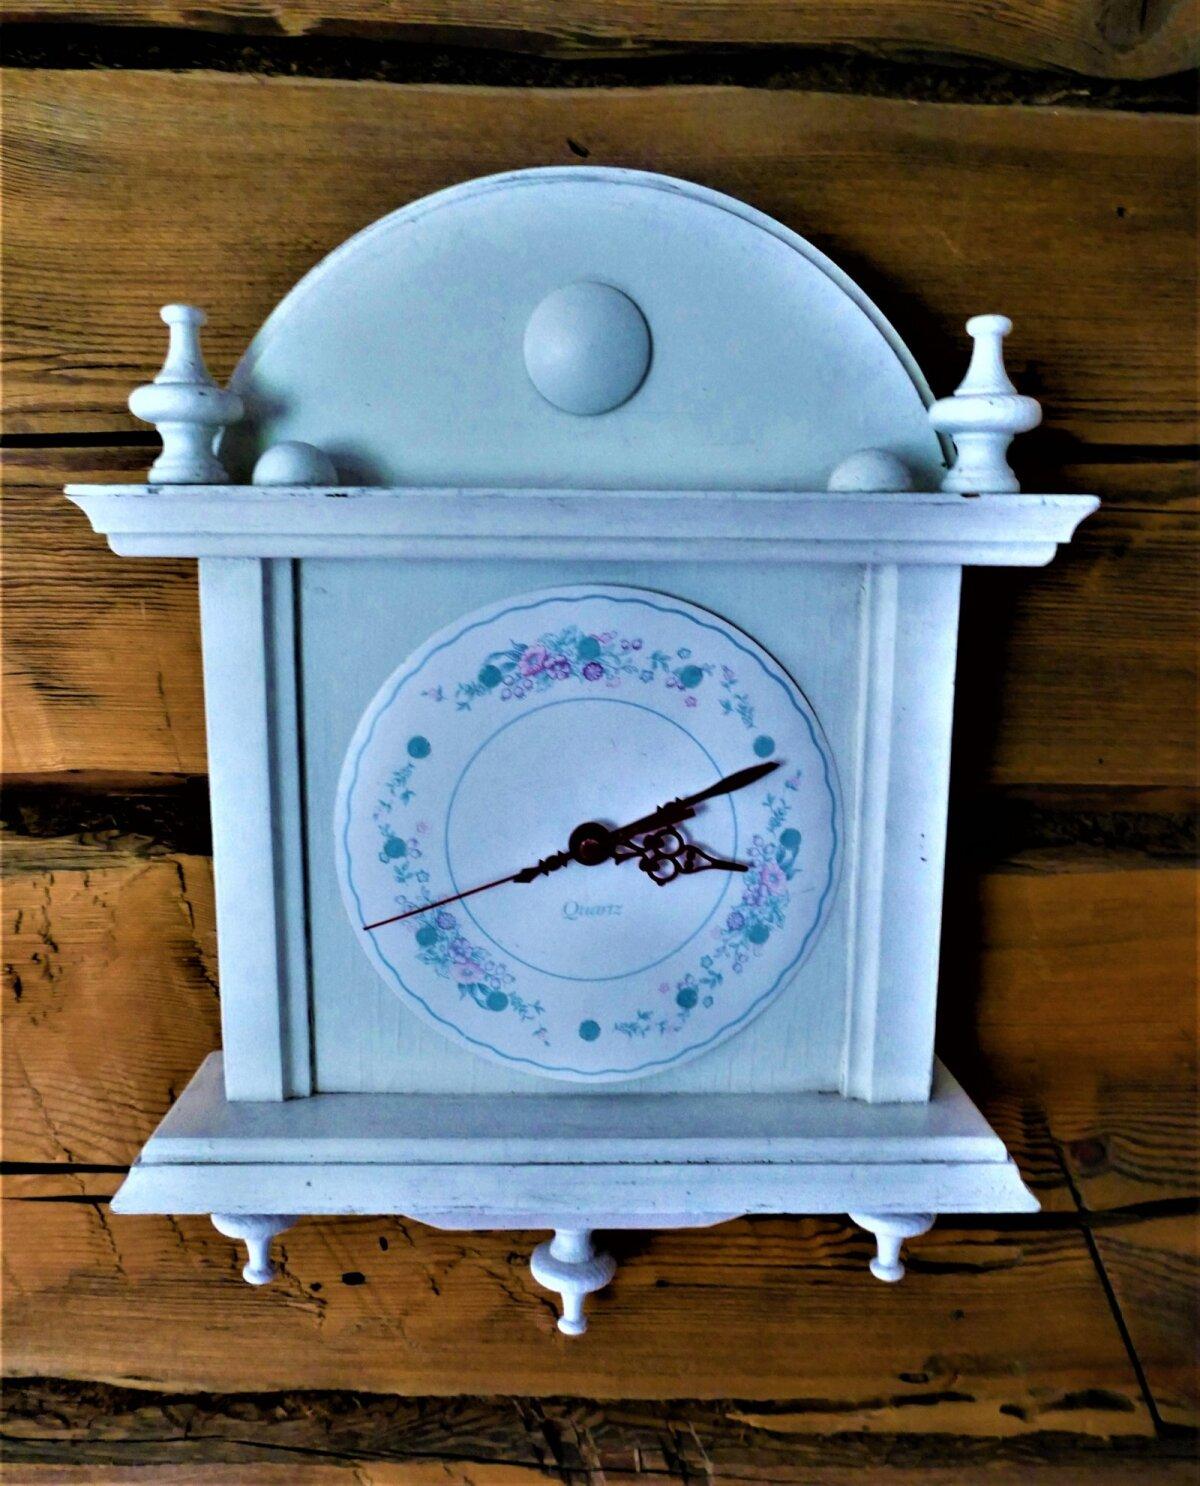 Pildil oleva kella numbrilauana on kasutatud papptaldrikut, mis on romantilise mustriga kaunistatud.